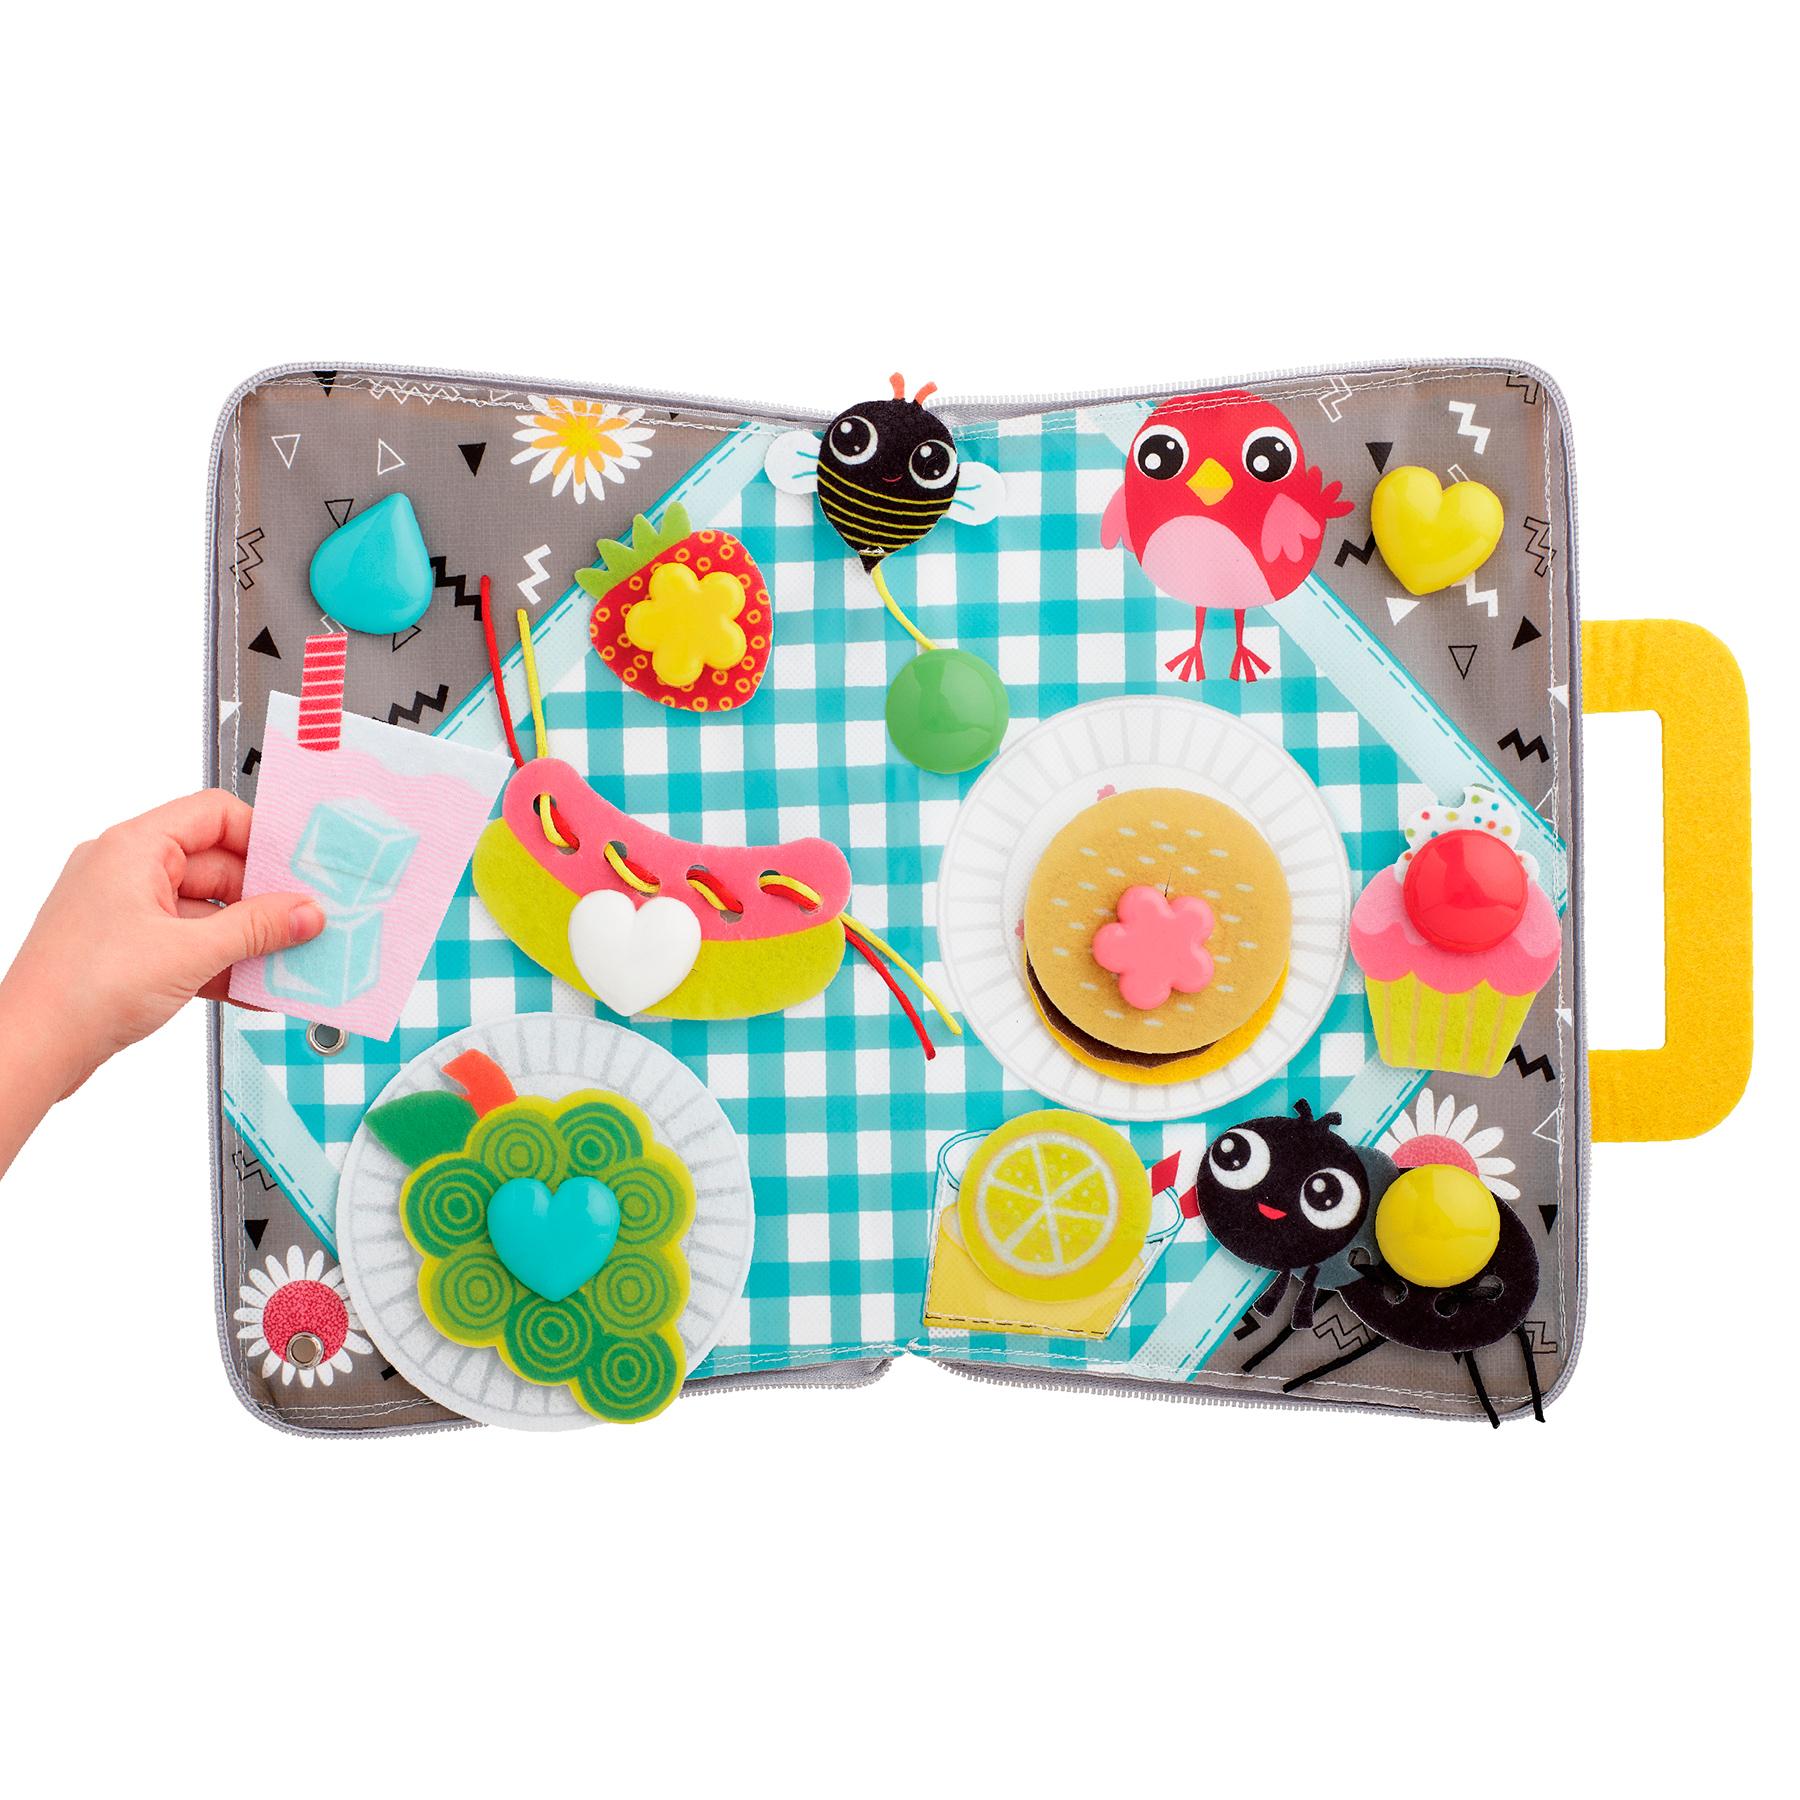 Купить Alex 220100-5 Набор для создания поделки из текстиля Пикник , Китай